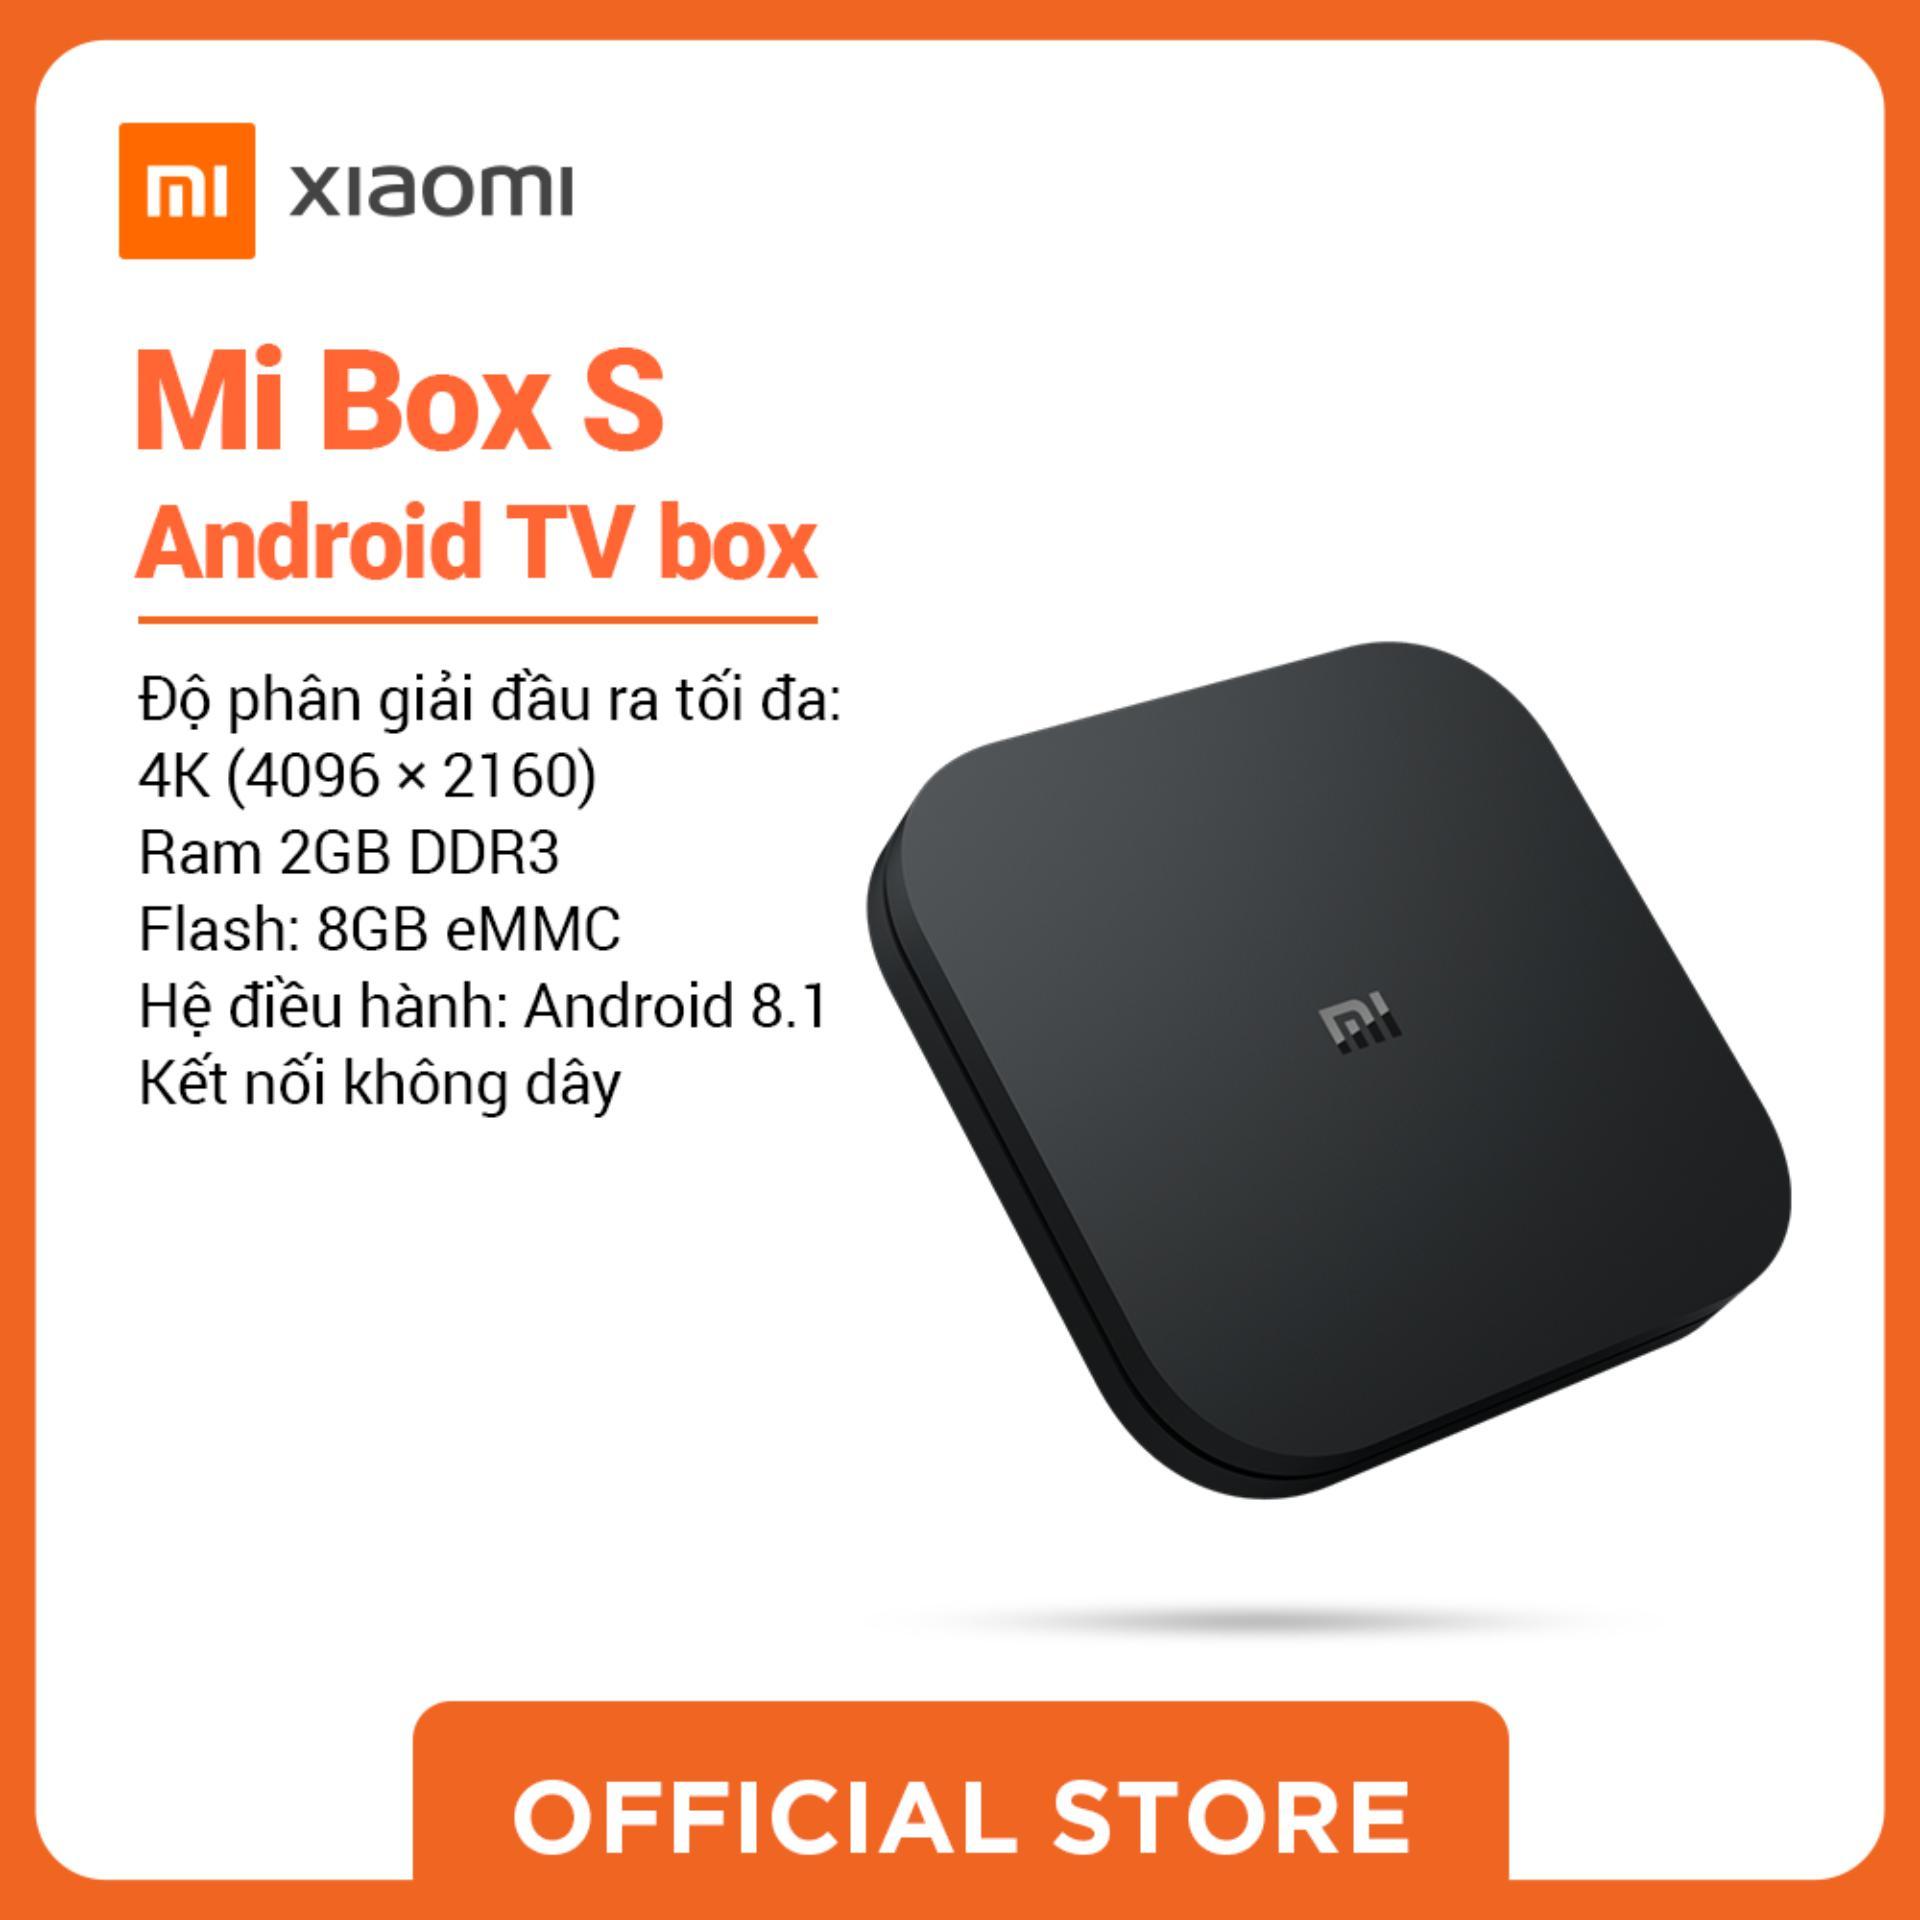 Bảng giá Xiaomi official Mibox S Android TV box_ Hàng chính hãng, bảo hành 12 tháng